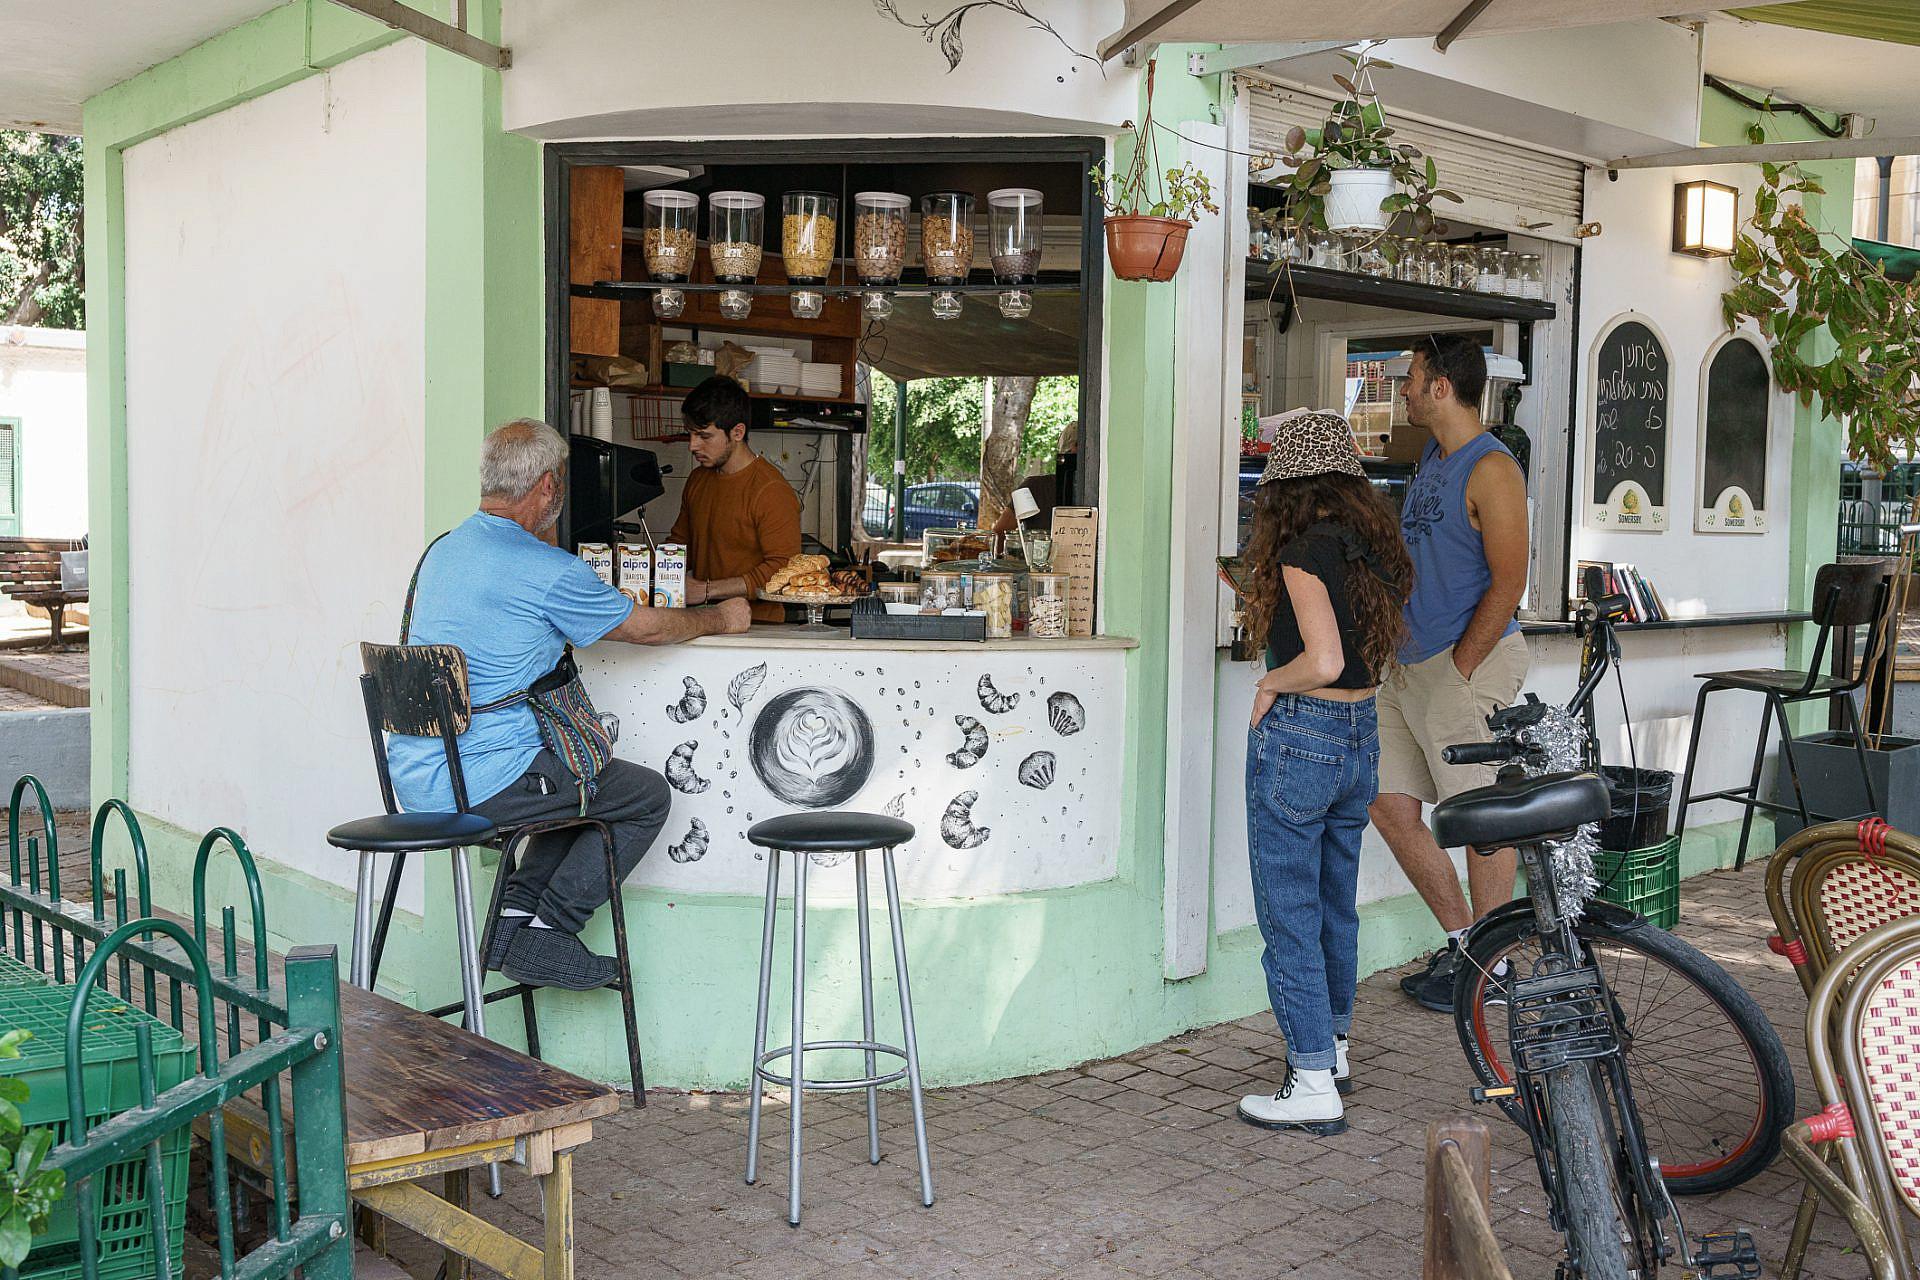 קפה רות. צילום: אנטולי מיכאלו